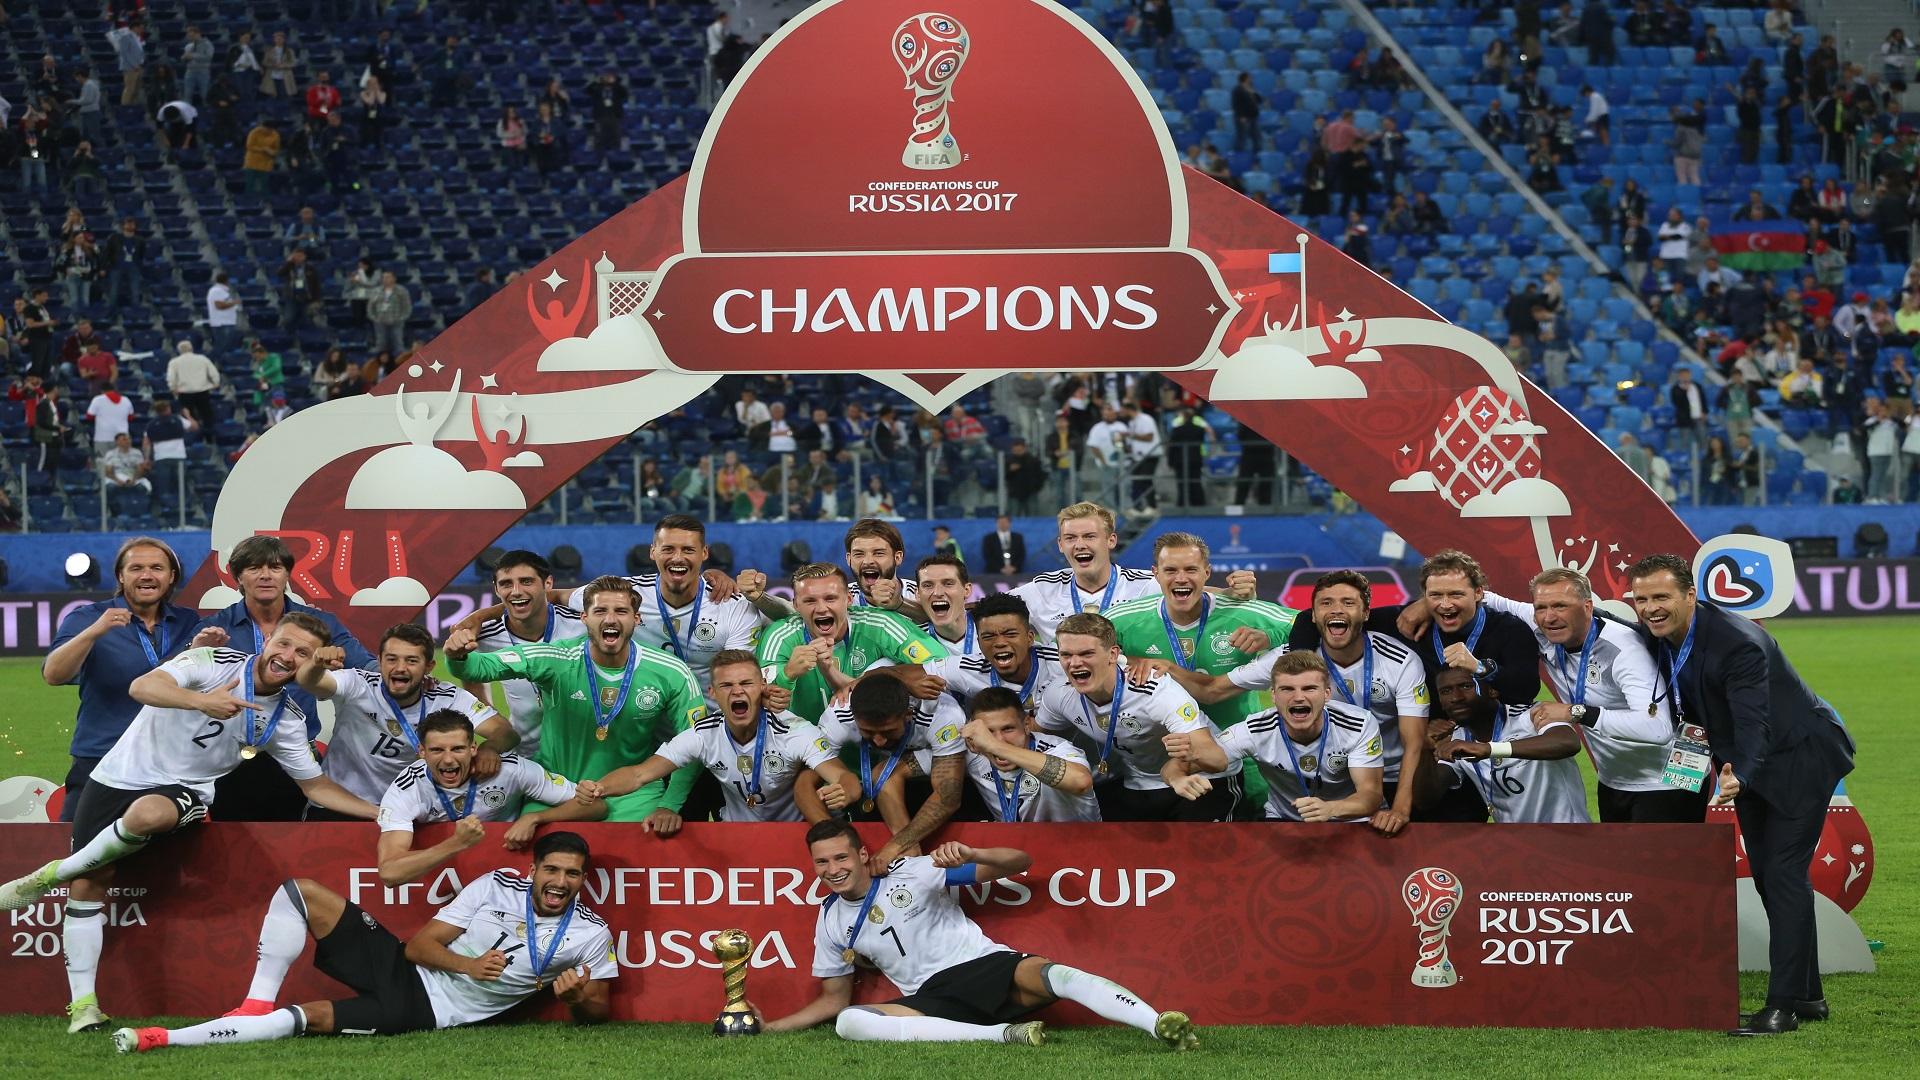 بعد تتويجه بلقب القارات..منتخب ألمانيا يُعادل رقم فرنسا التاريخي